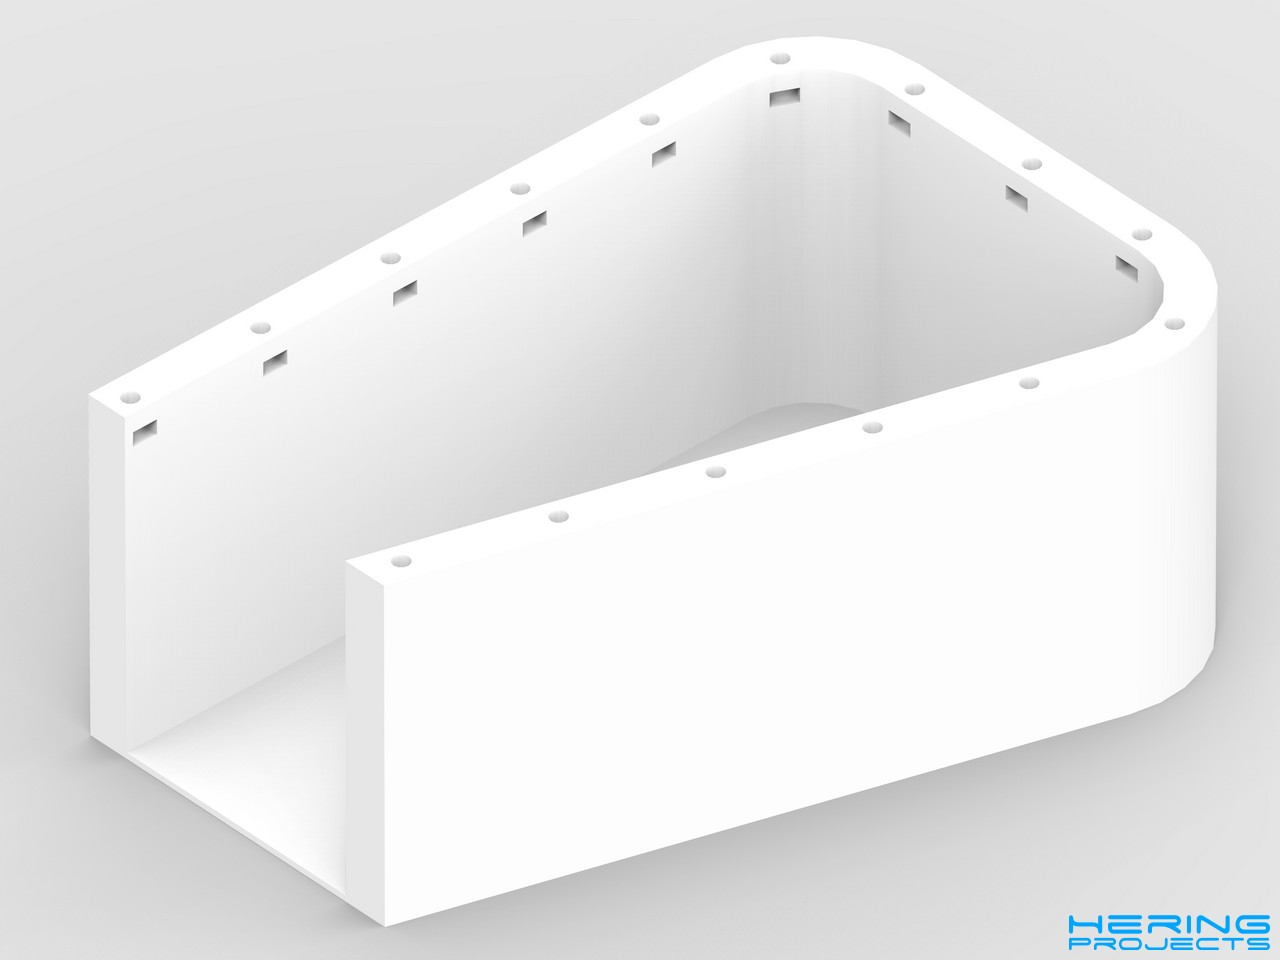 Ultitop Bowdenabdeckung CAD Render